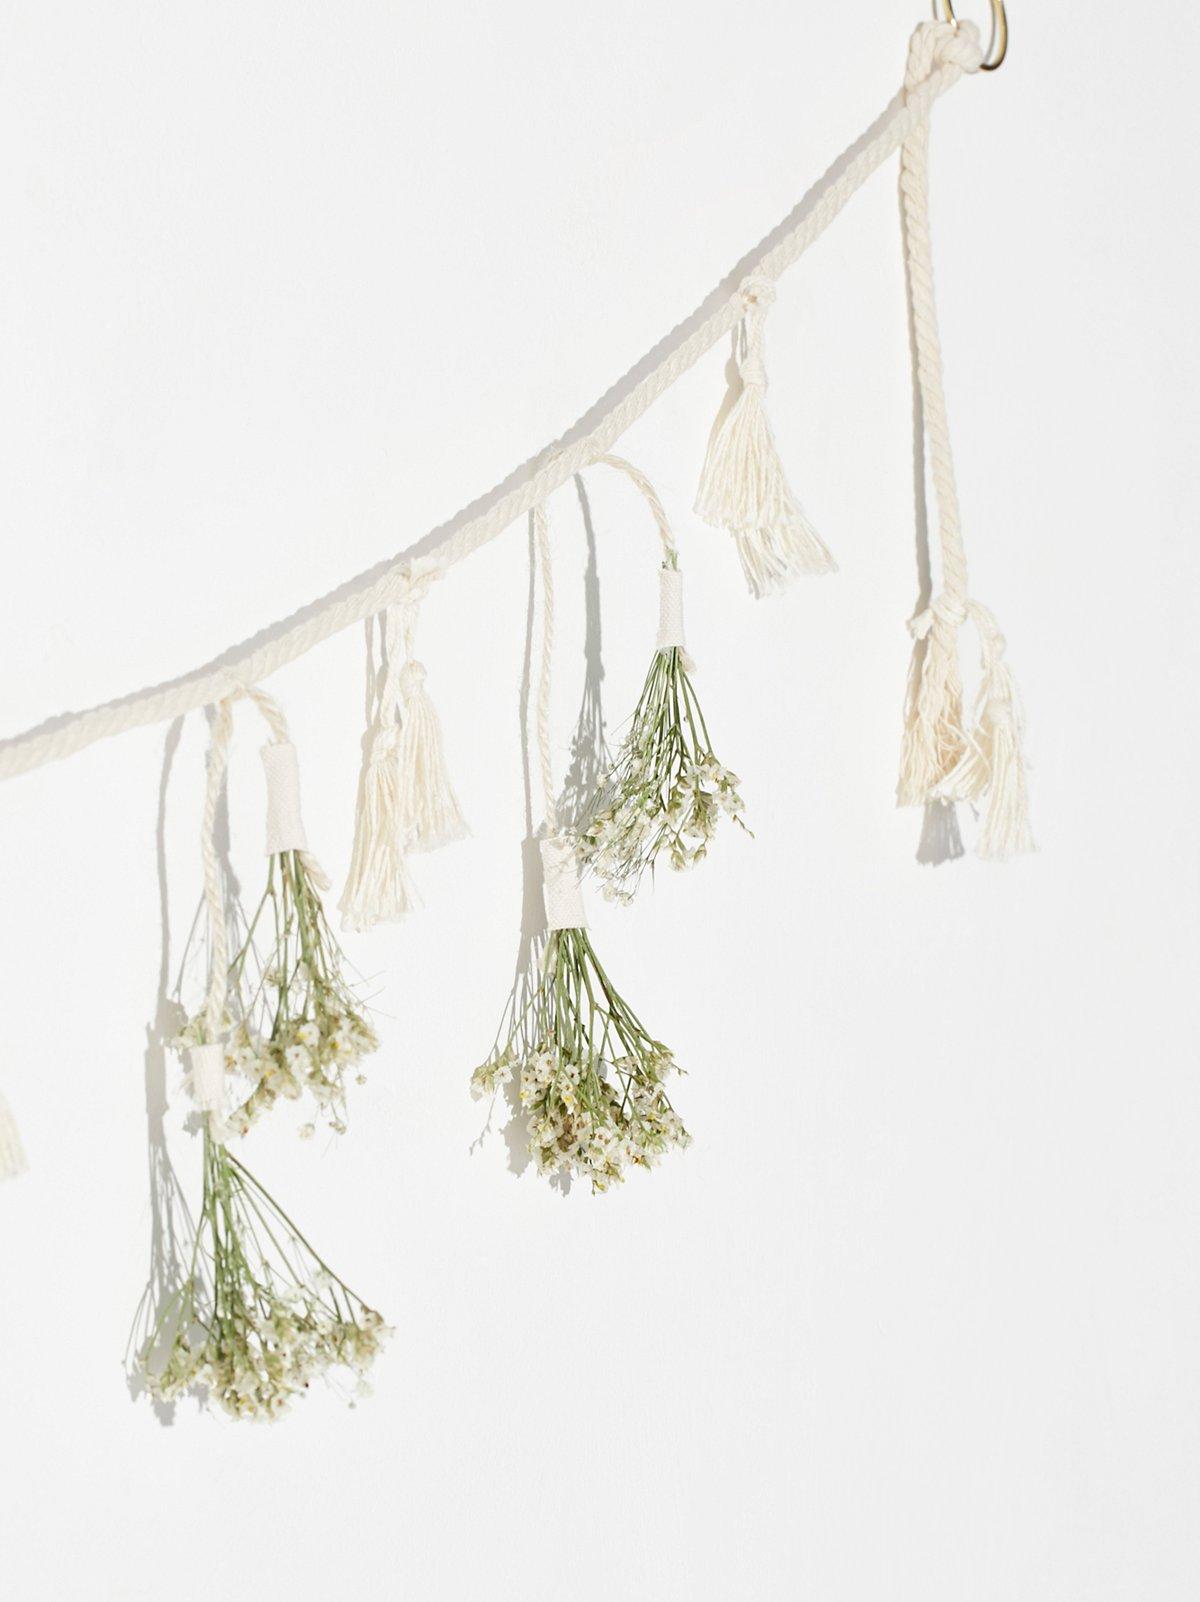 Hanging Floral Garland